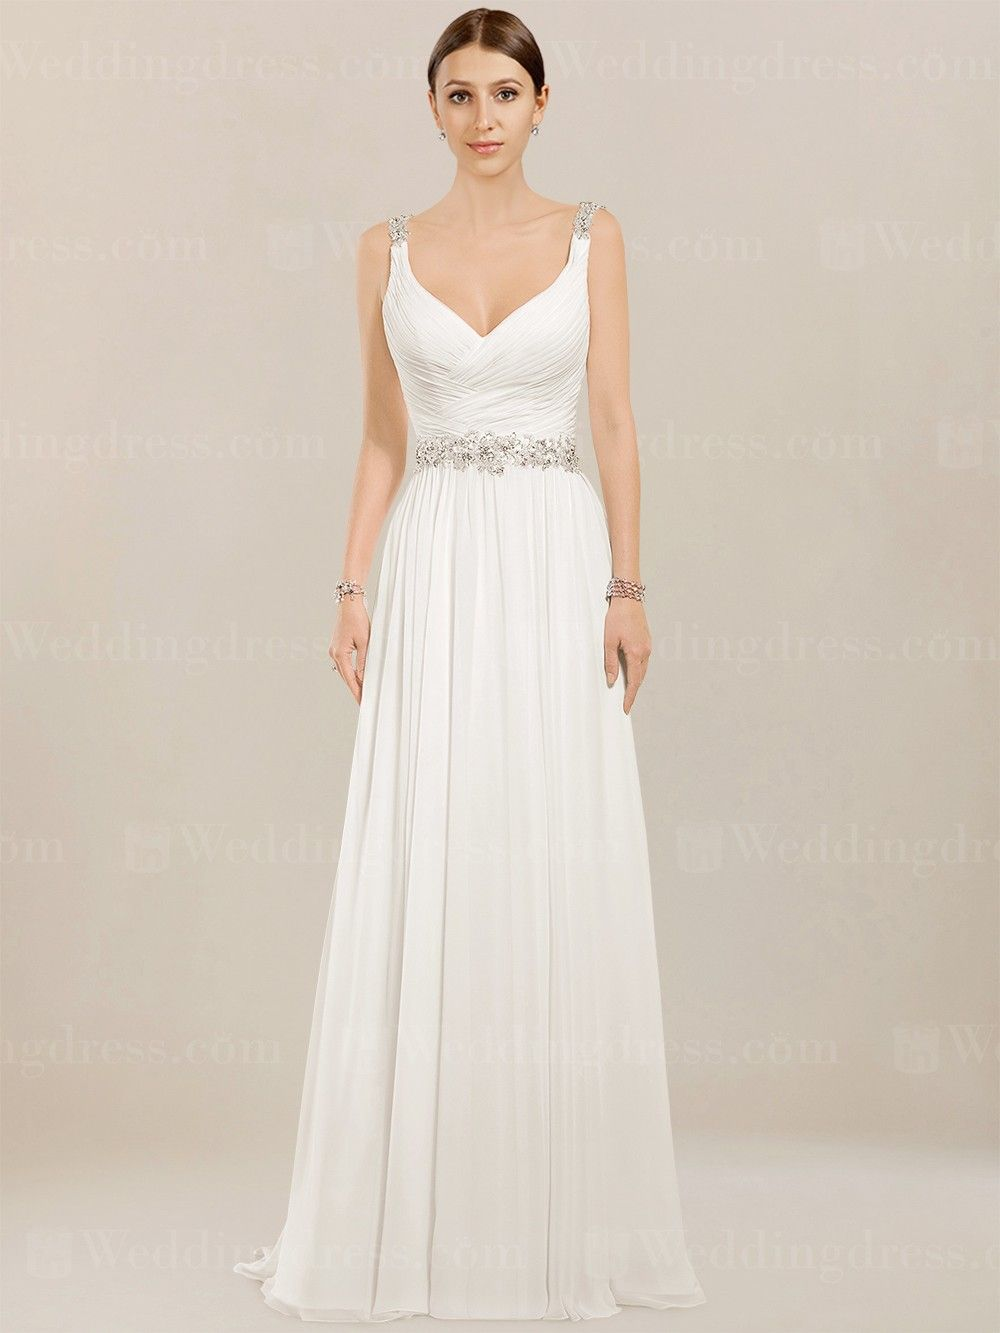 Chiffon Beach Wedding Dress BC952  c9909da6da